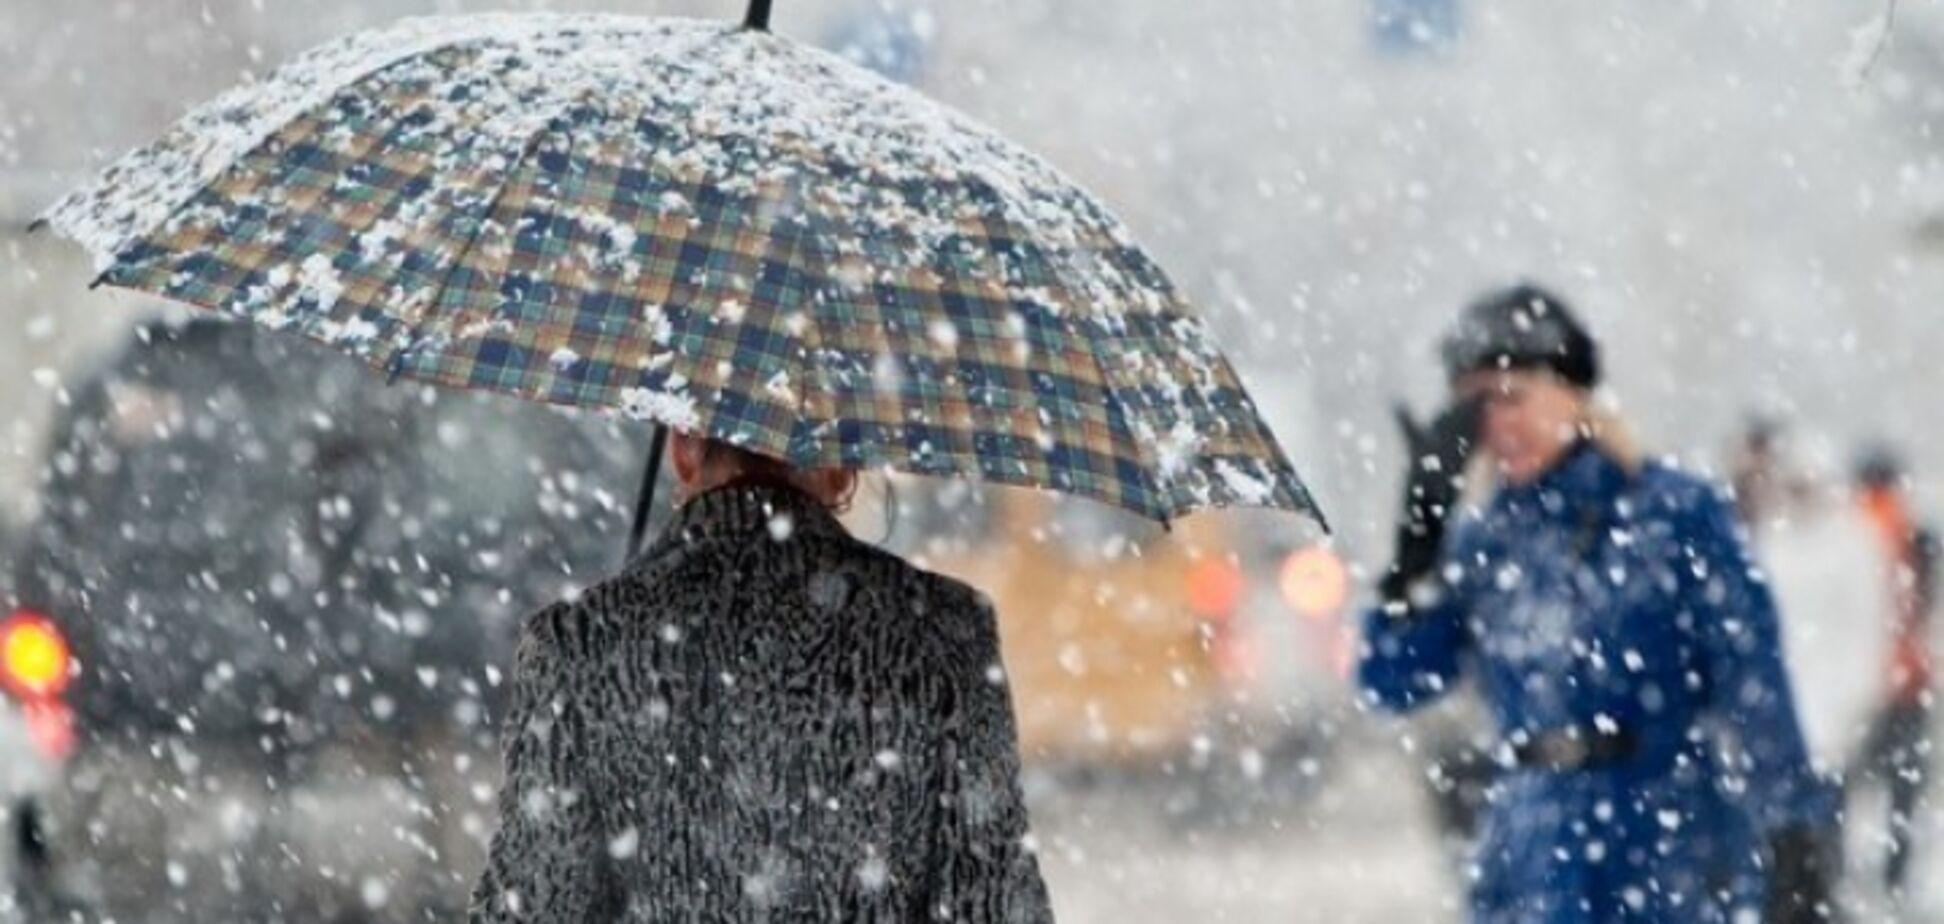 Непогода в Украине обесточила сотни населенных пунктов